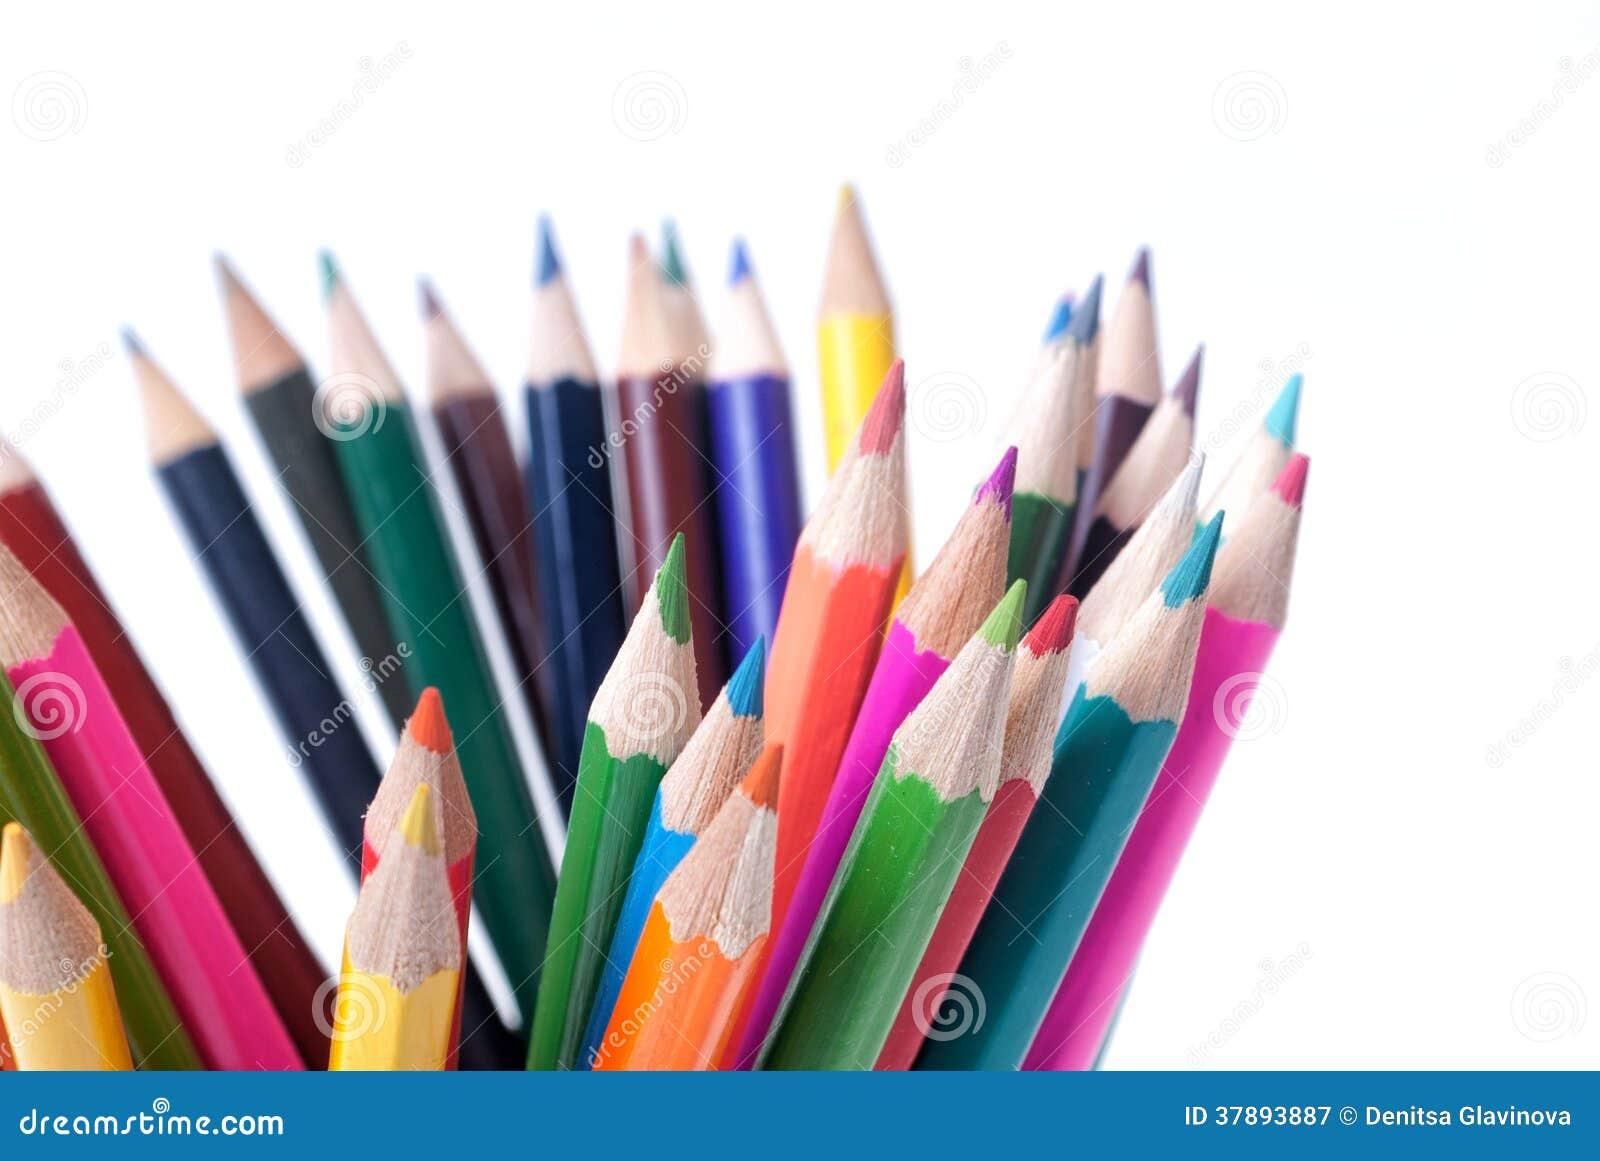 五颜六色的铅笔